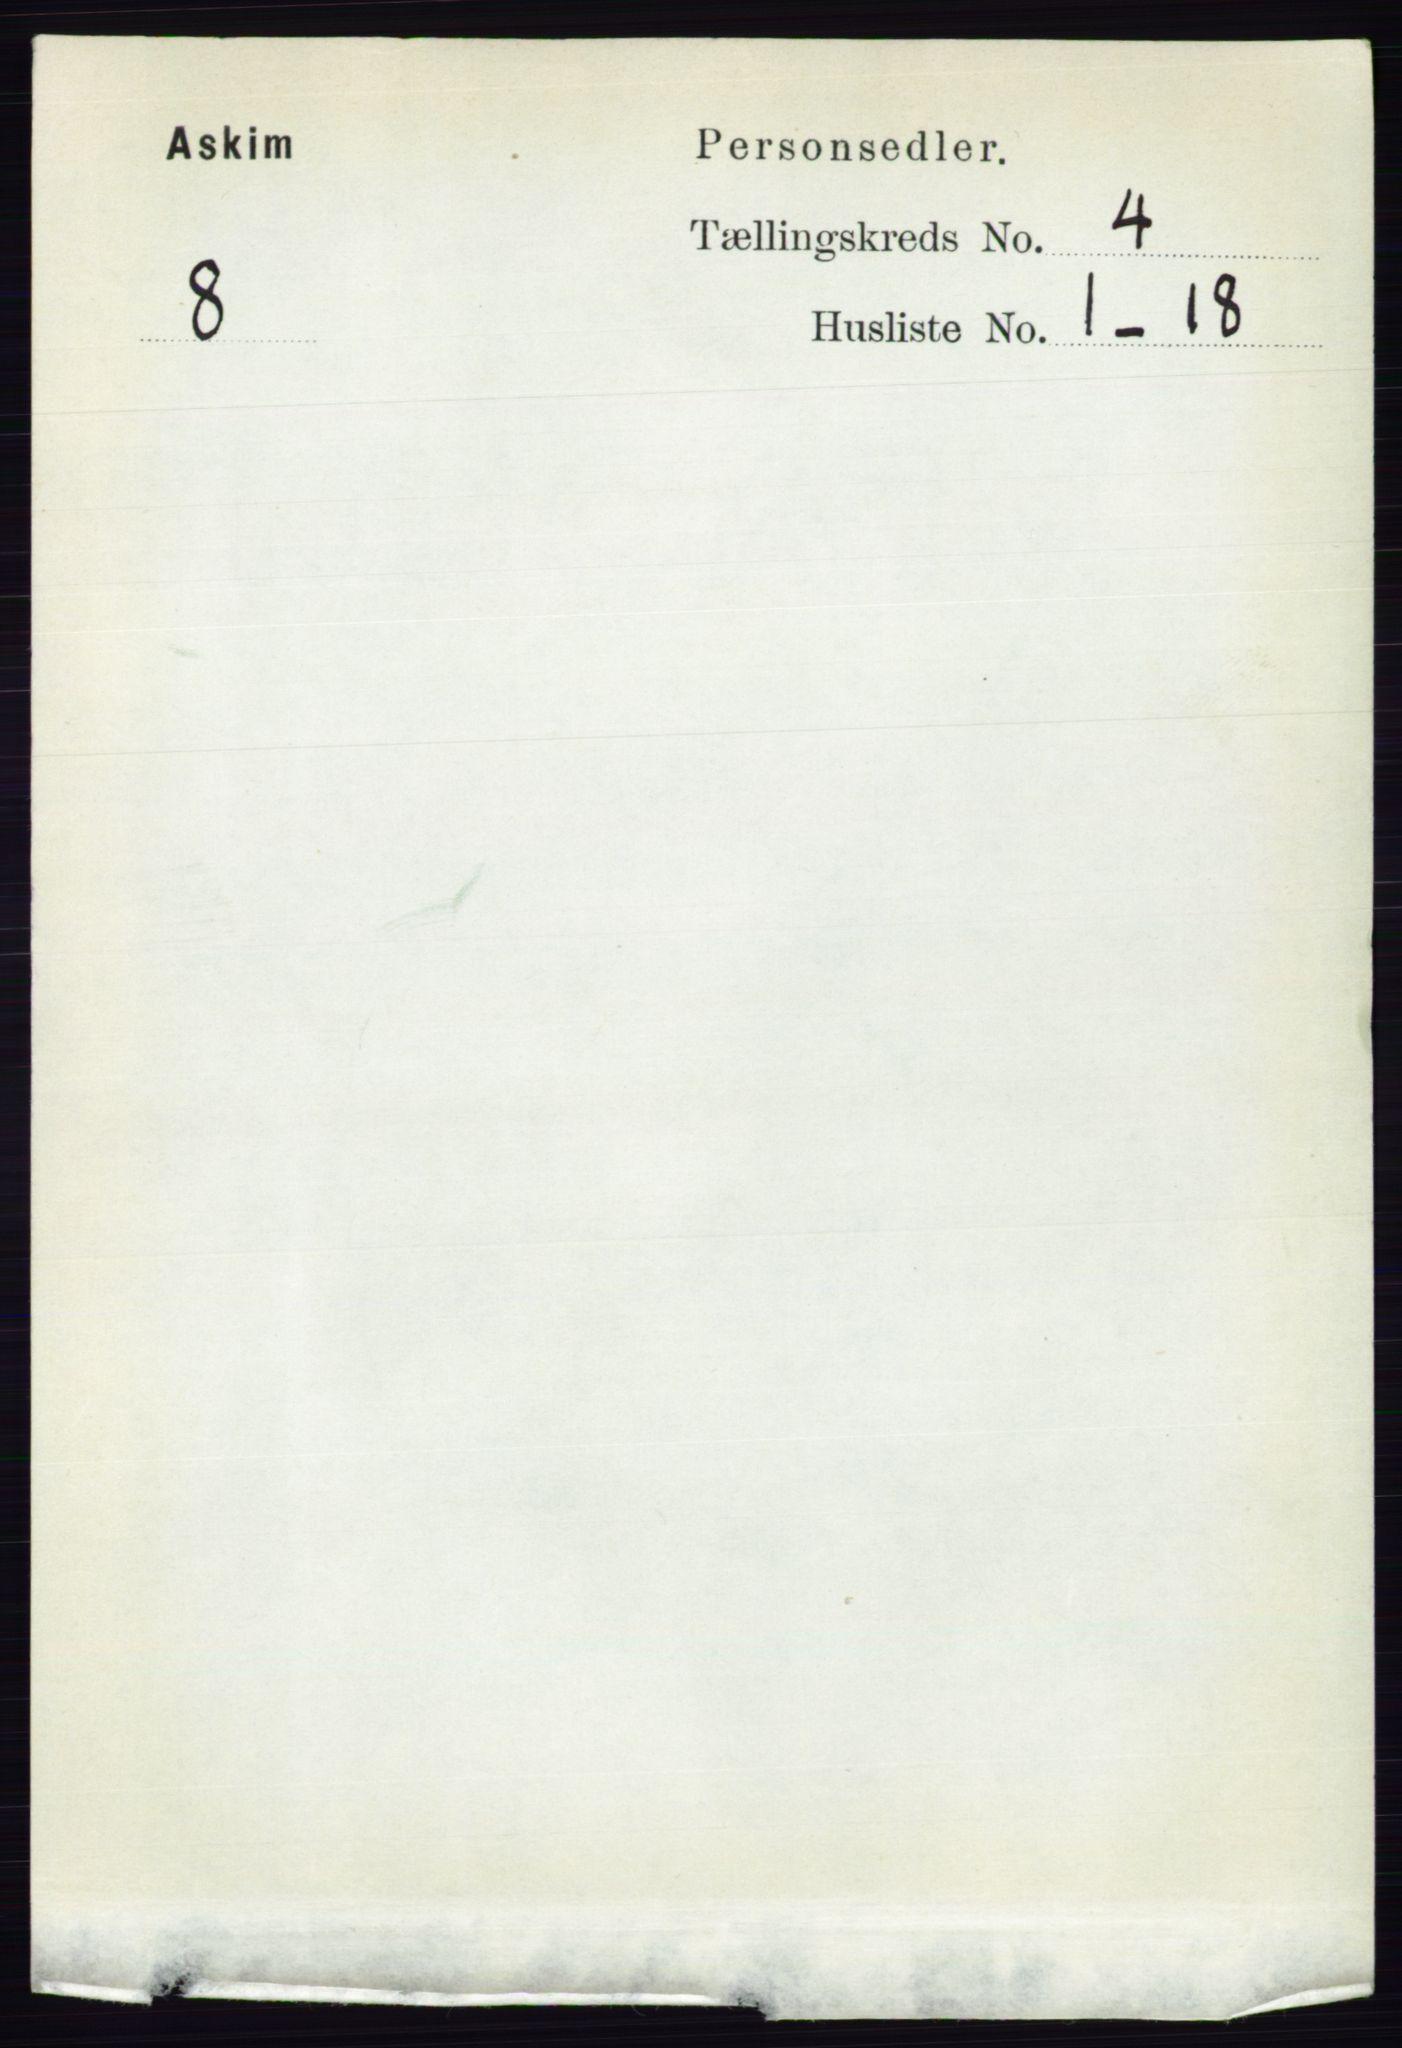 RA, Folketelling 1891 for 0124 Askim herred, 1891, s. 485